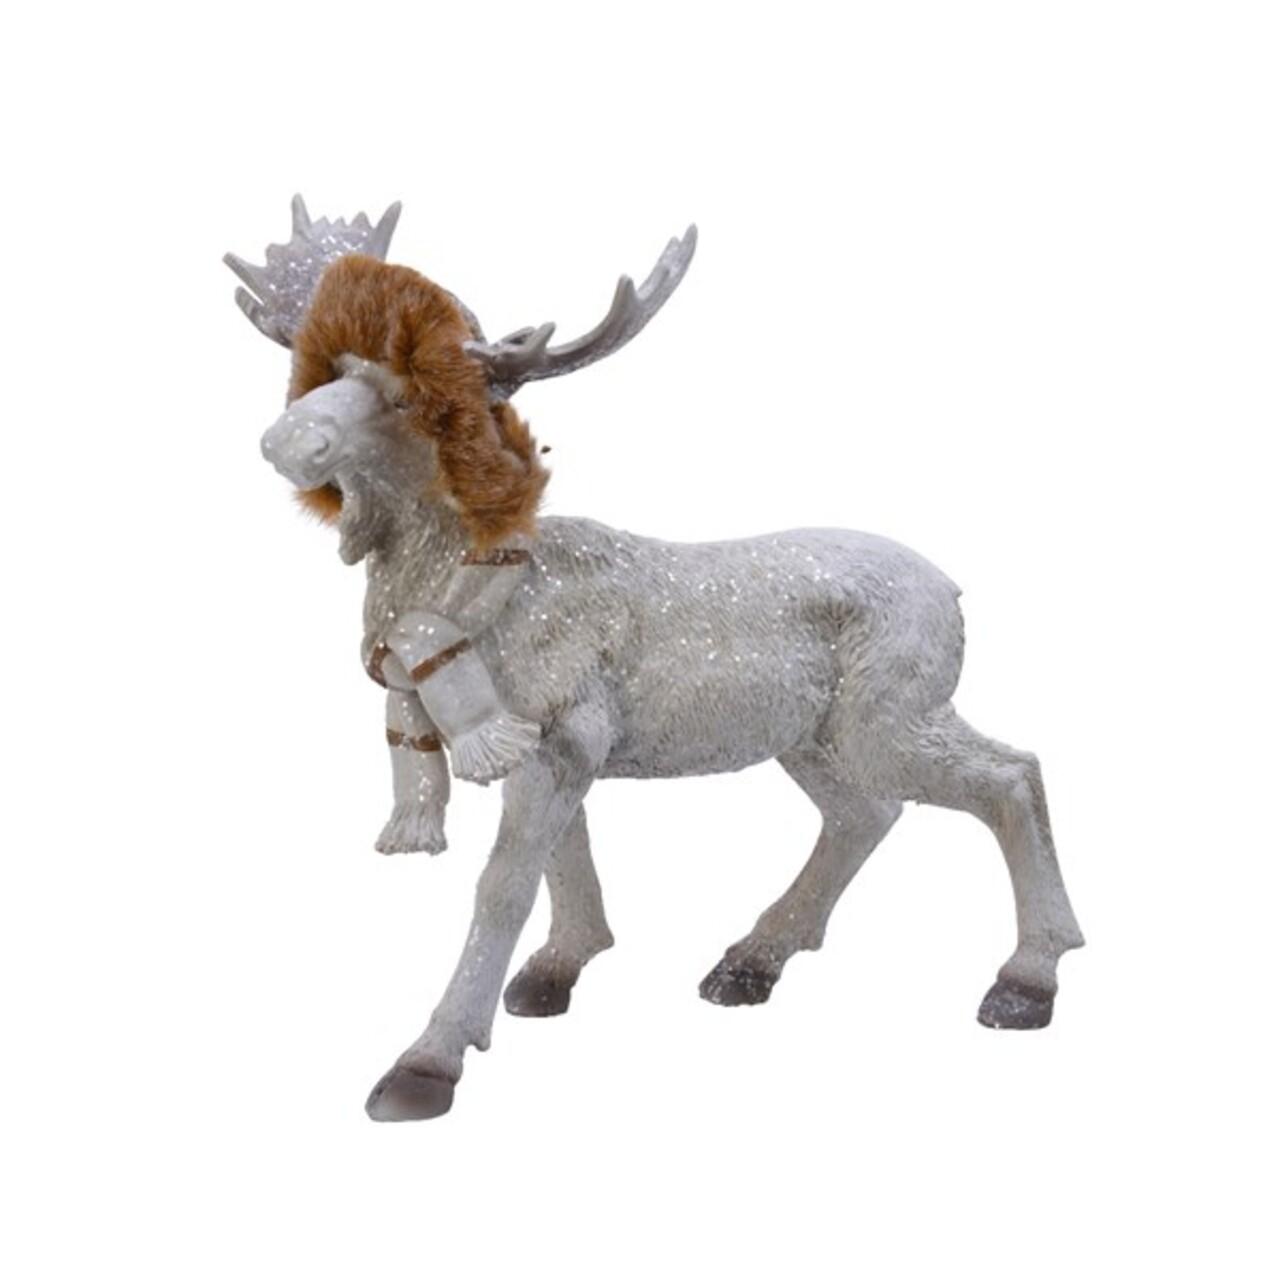 Decoratiune Moose w fur hat, Decoris, 12x24x23.5 cm, poliamida, multicolor